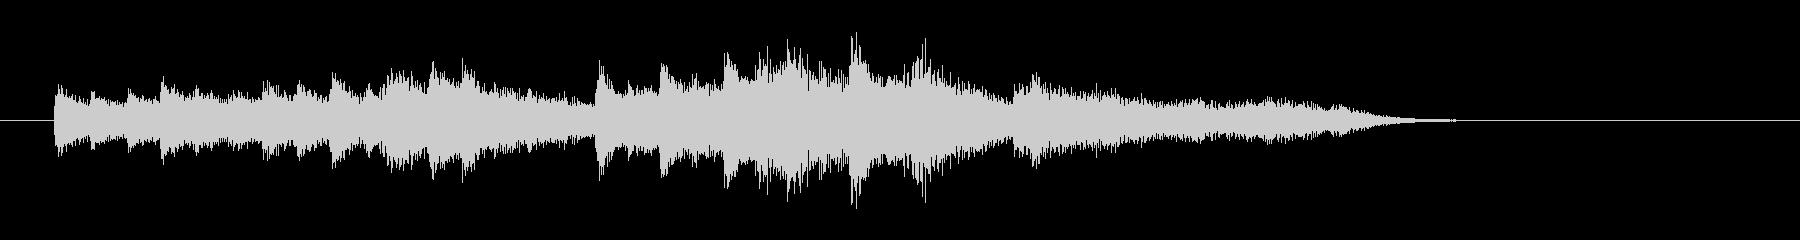 ピアノとストリングスのジングル3の未再生の波形